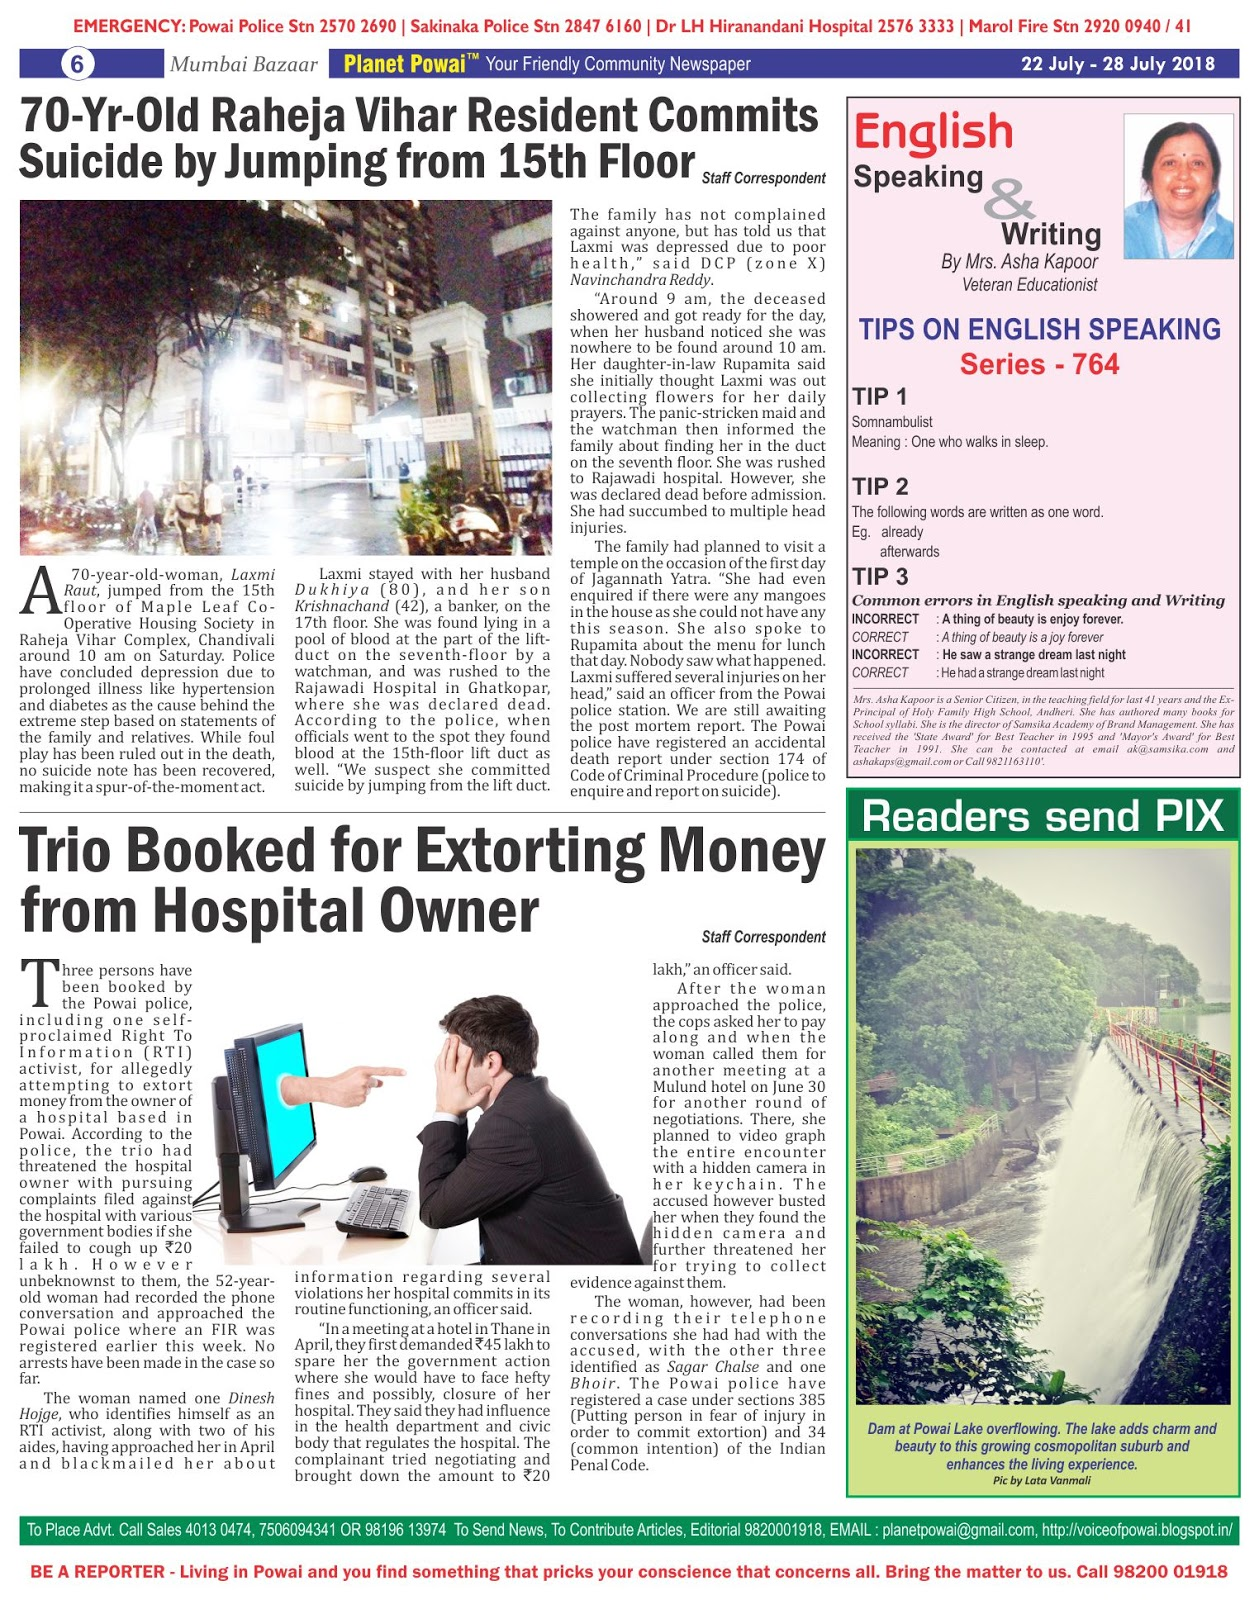 PLANET POWAI 22nd July 2018 (Vol 14 Issue 17) | PLANET POWAI